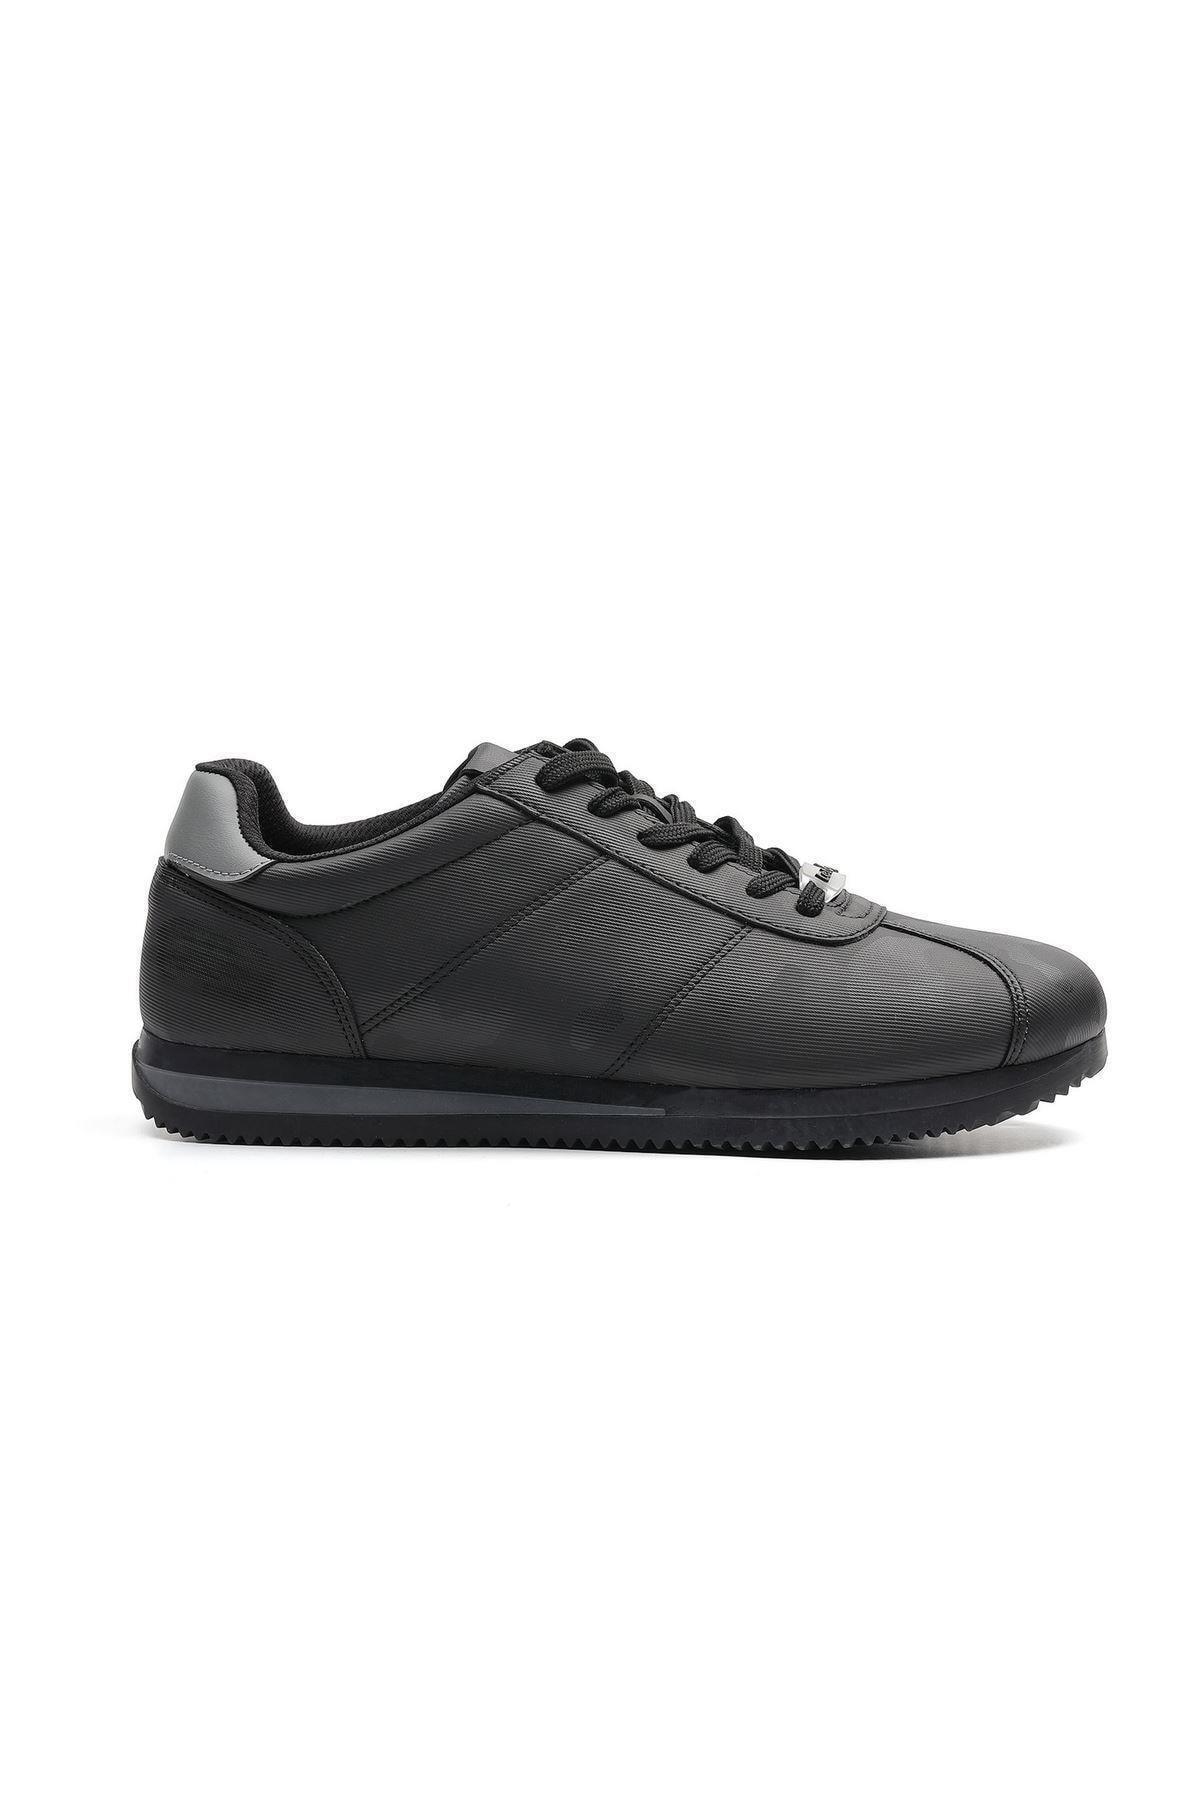 LETOON 7022 Erkek Spor Ayakkabı 2